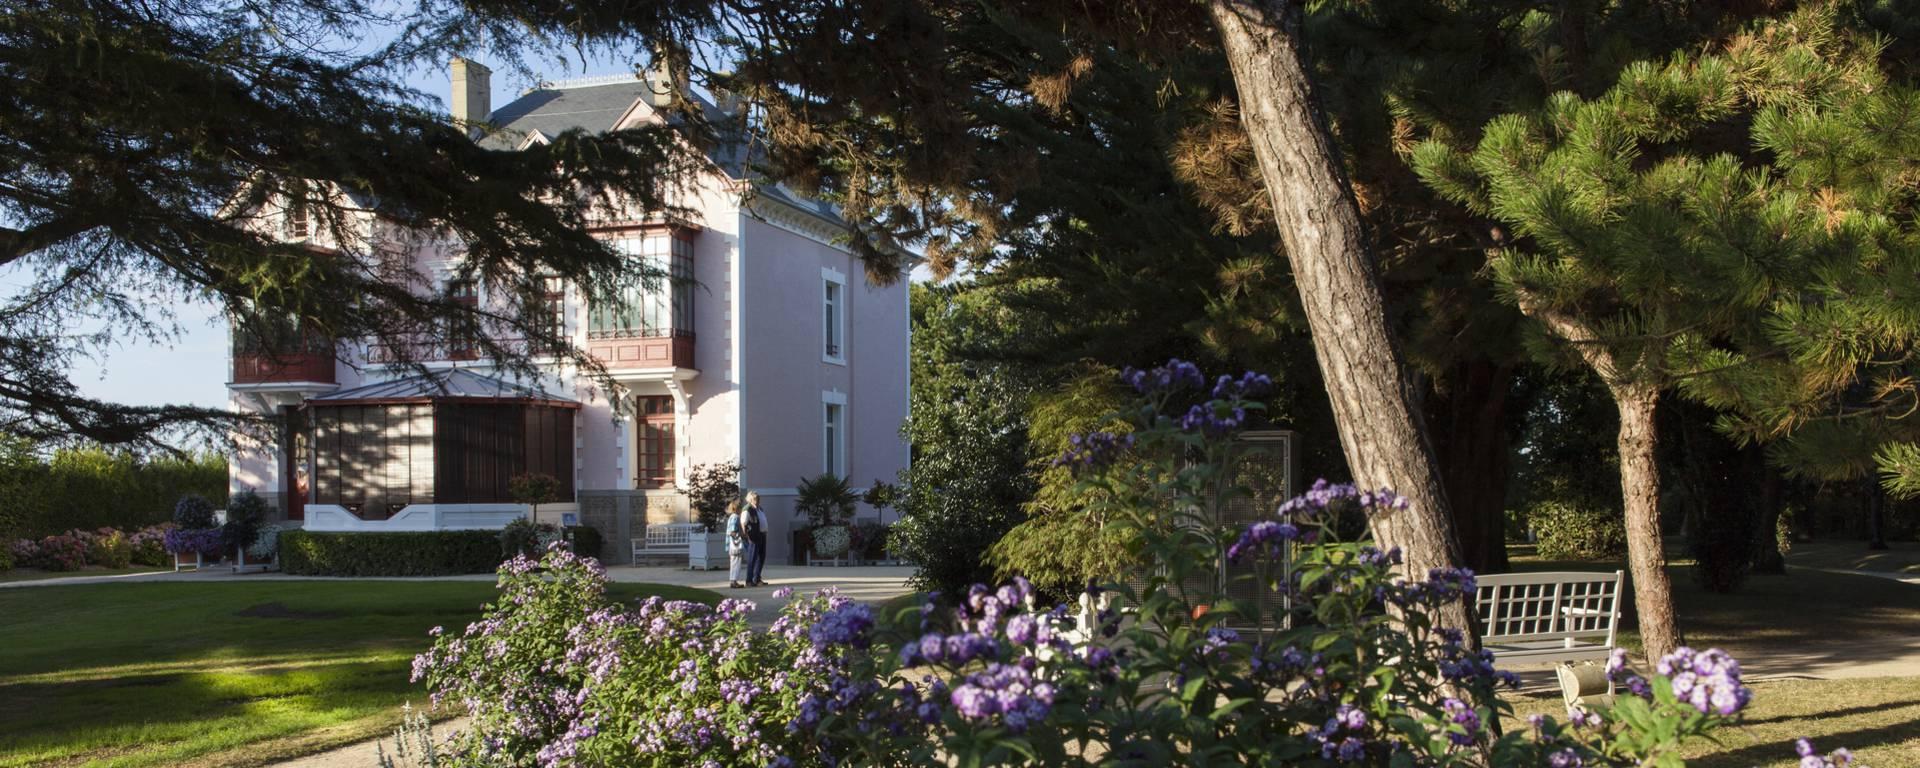 Vue sur la maison Dior depuis le jardin. Granville.